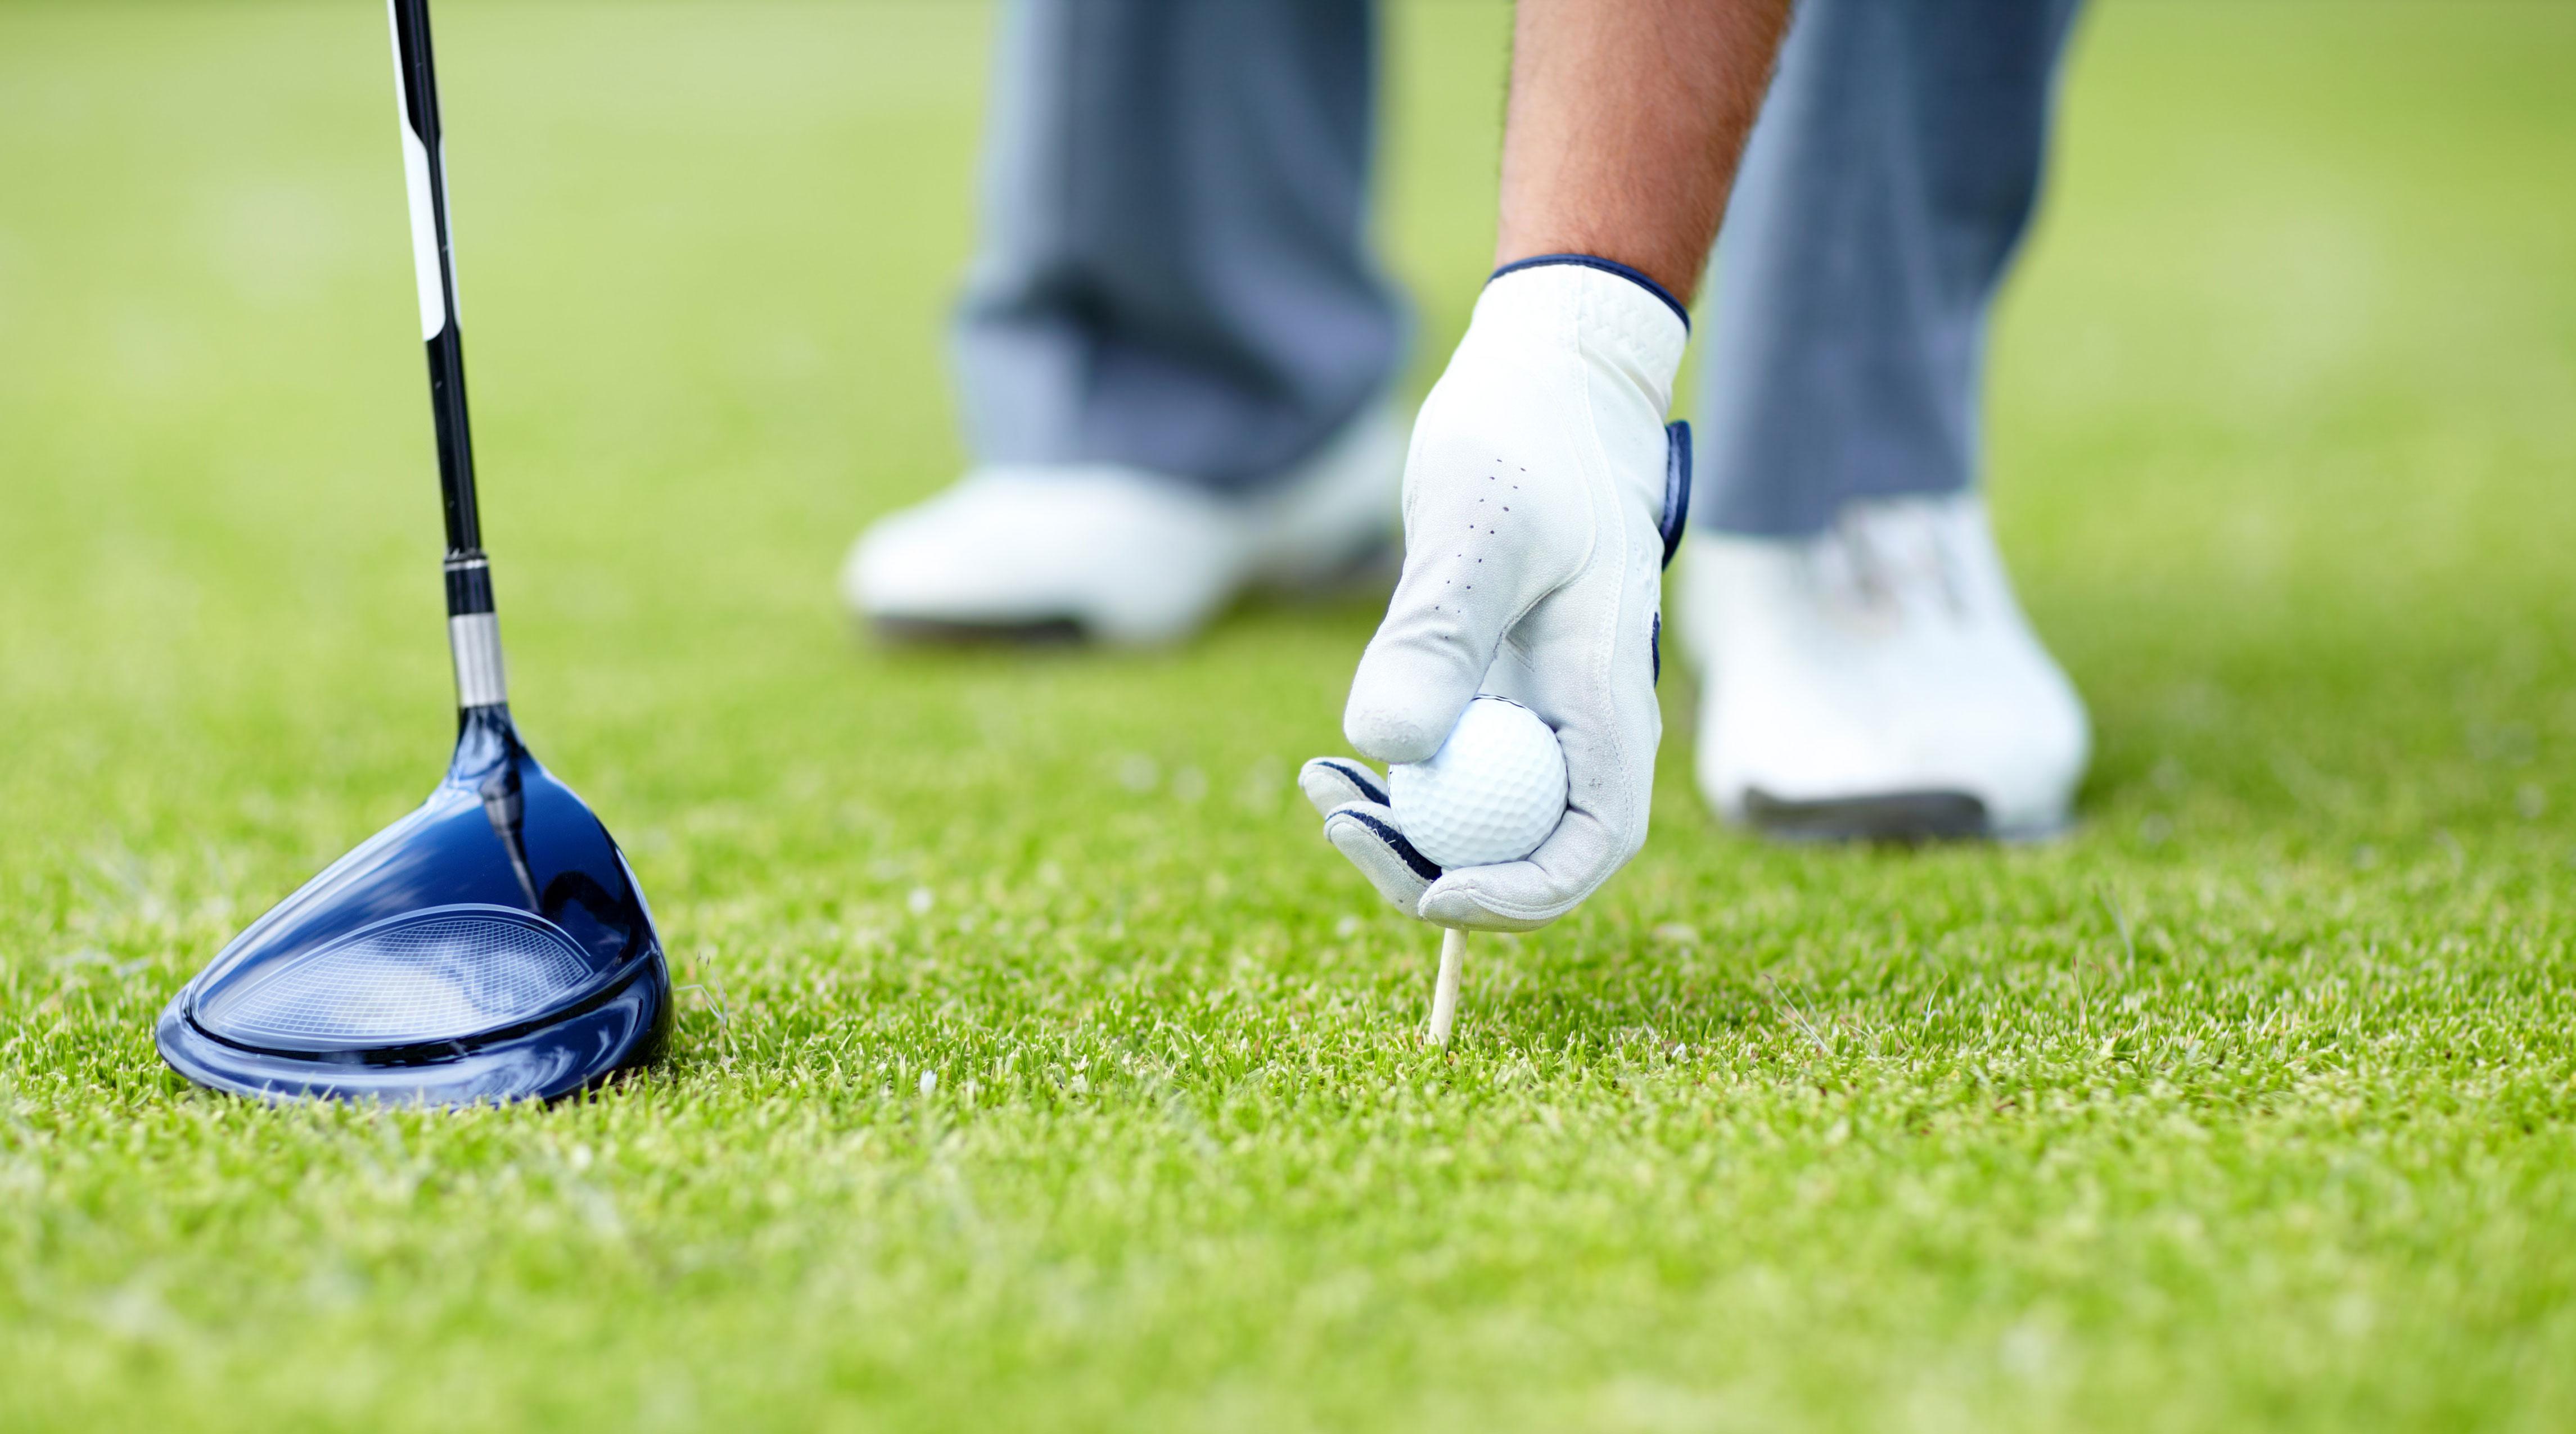 गोल्फ : मर्सिडीज ट्रॉफी के गुरुग्राम चरण में मुरली कार्तिक पर रहेंगी निगाहें